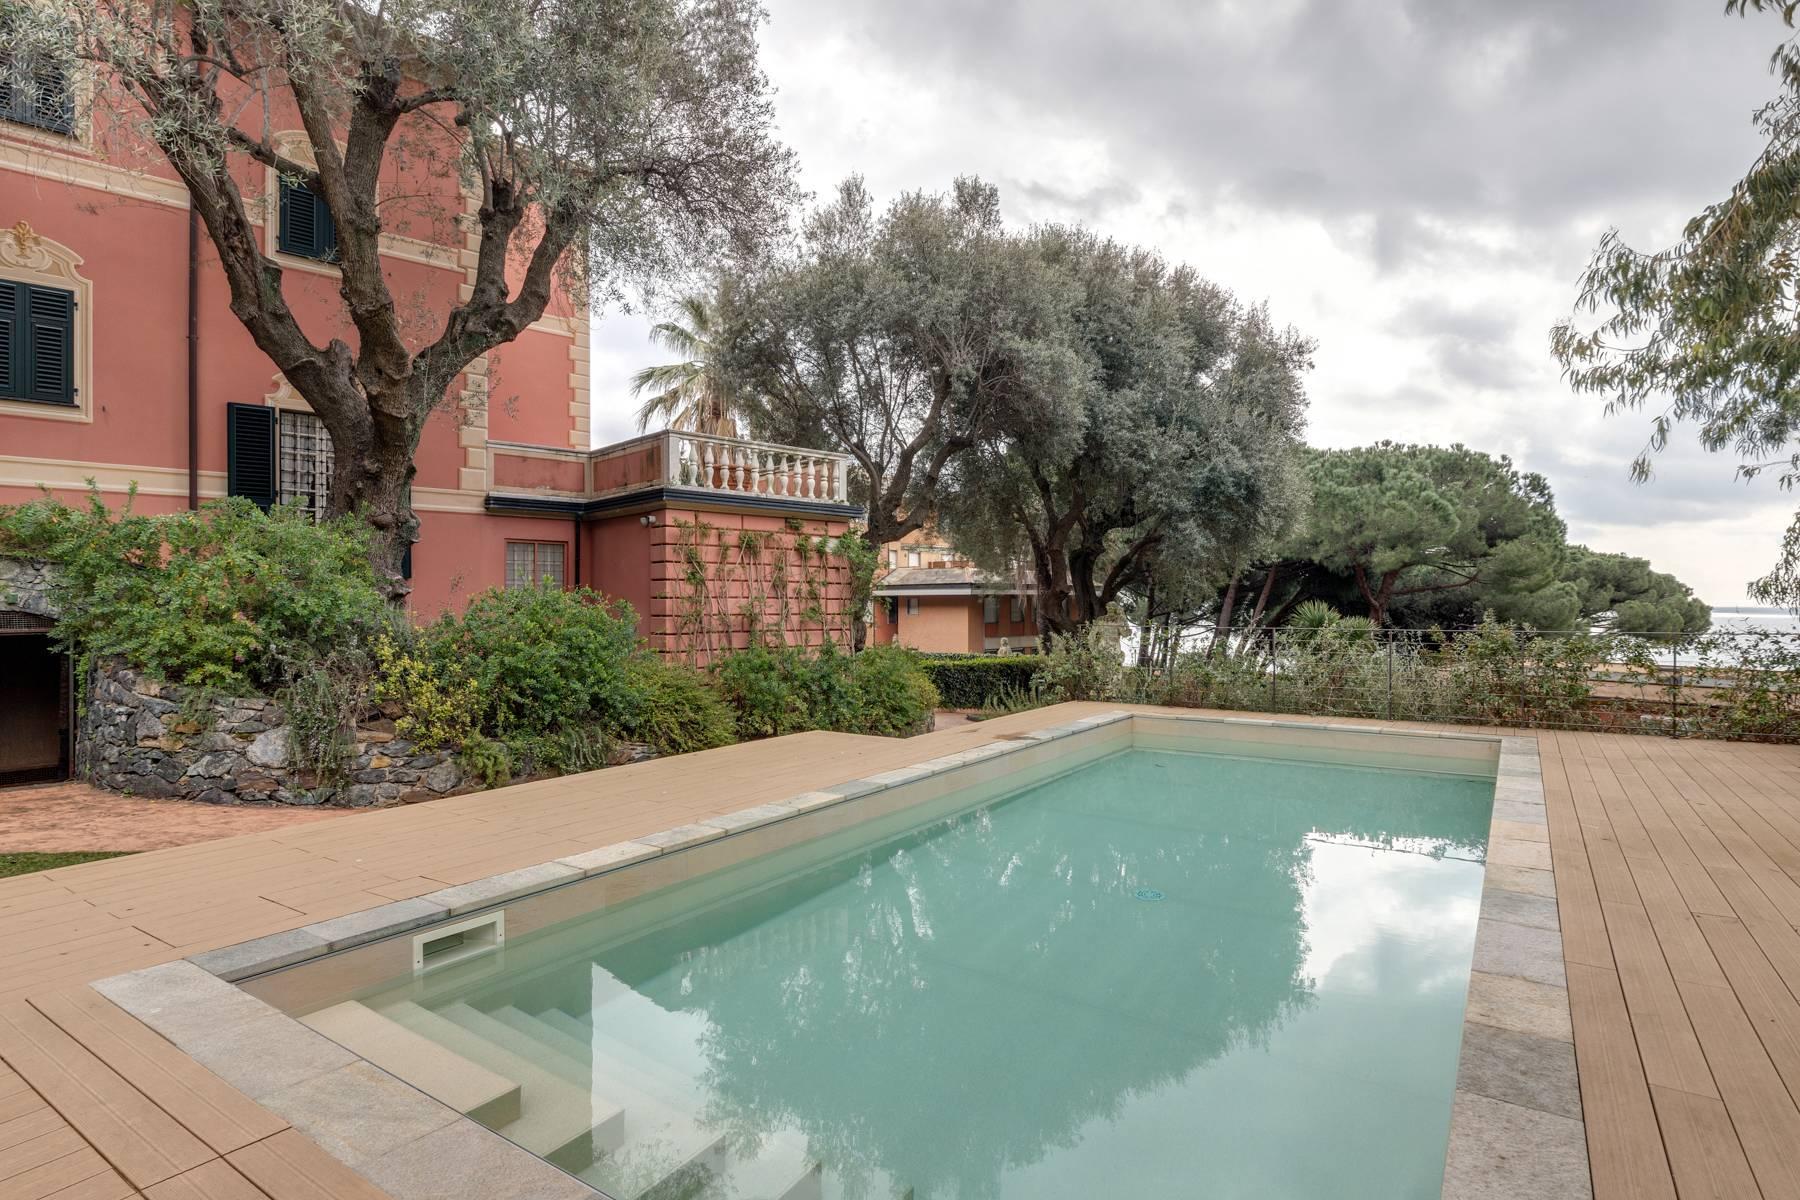 Storica villa fronte mare con piscina - 13